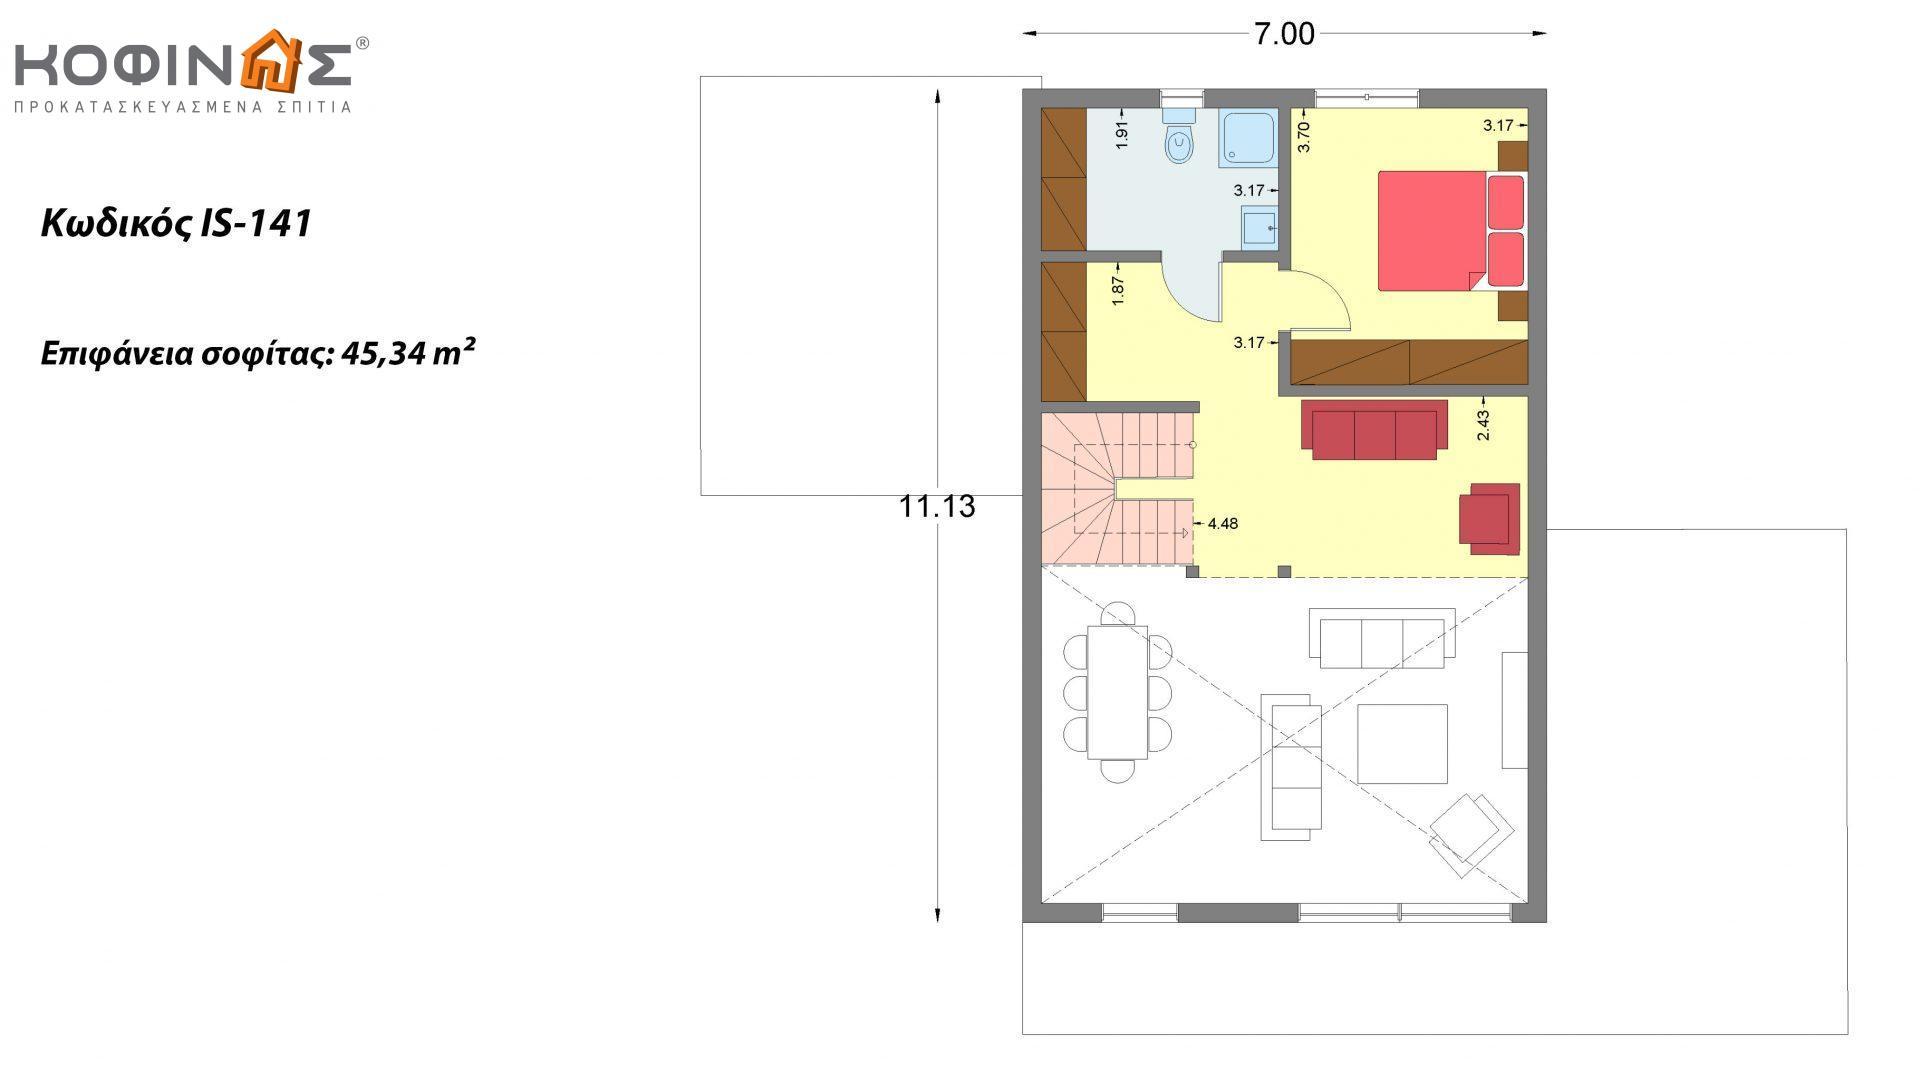 Ισόγεια Κατοικία με Σοφίτα IS-141, συνολικής επιφάνειας 141,95 τ.μ. , +Γκαράζ 27.08 m²(=169.03 m²),συνολική επιφάνεια στεγασμένων χώρων 15.91 τ.μ.